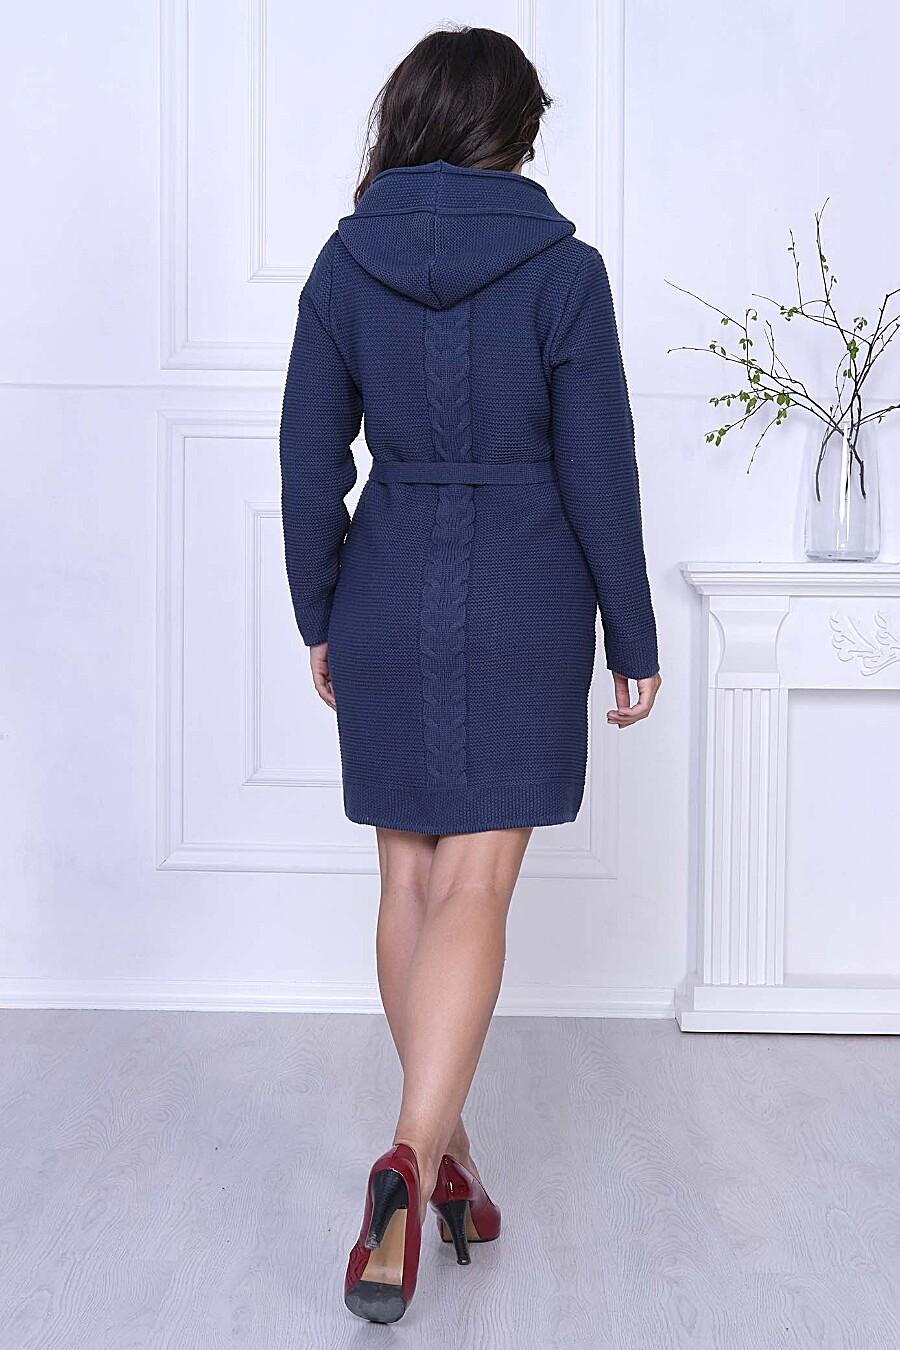 Кардиган для женщин ANKOLI 184445 купить оптом от производителя. Совместная покупка женской одежды в OptMoyo